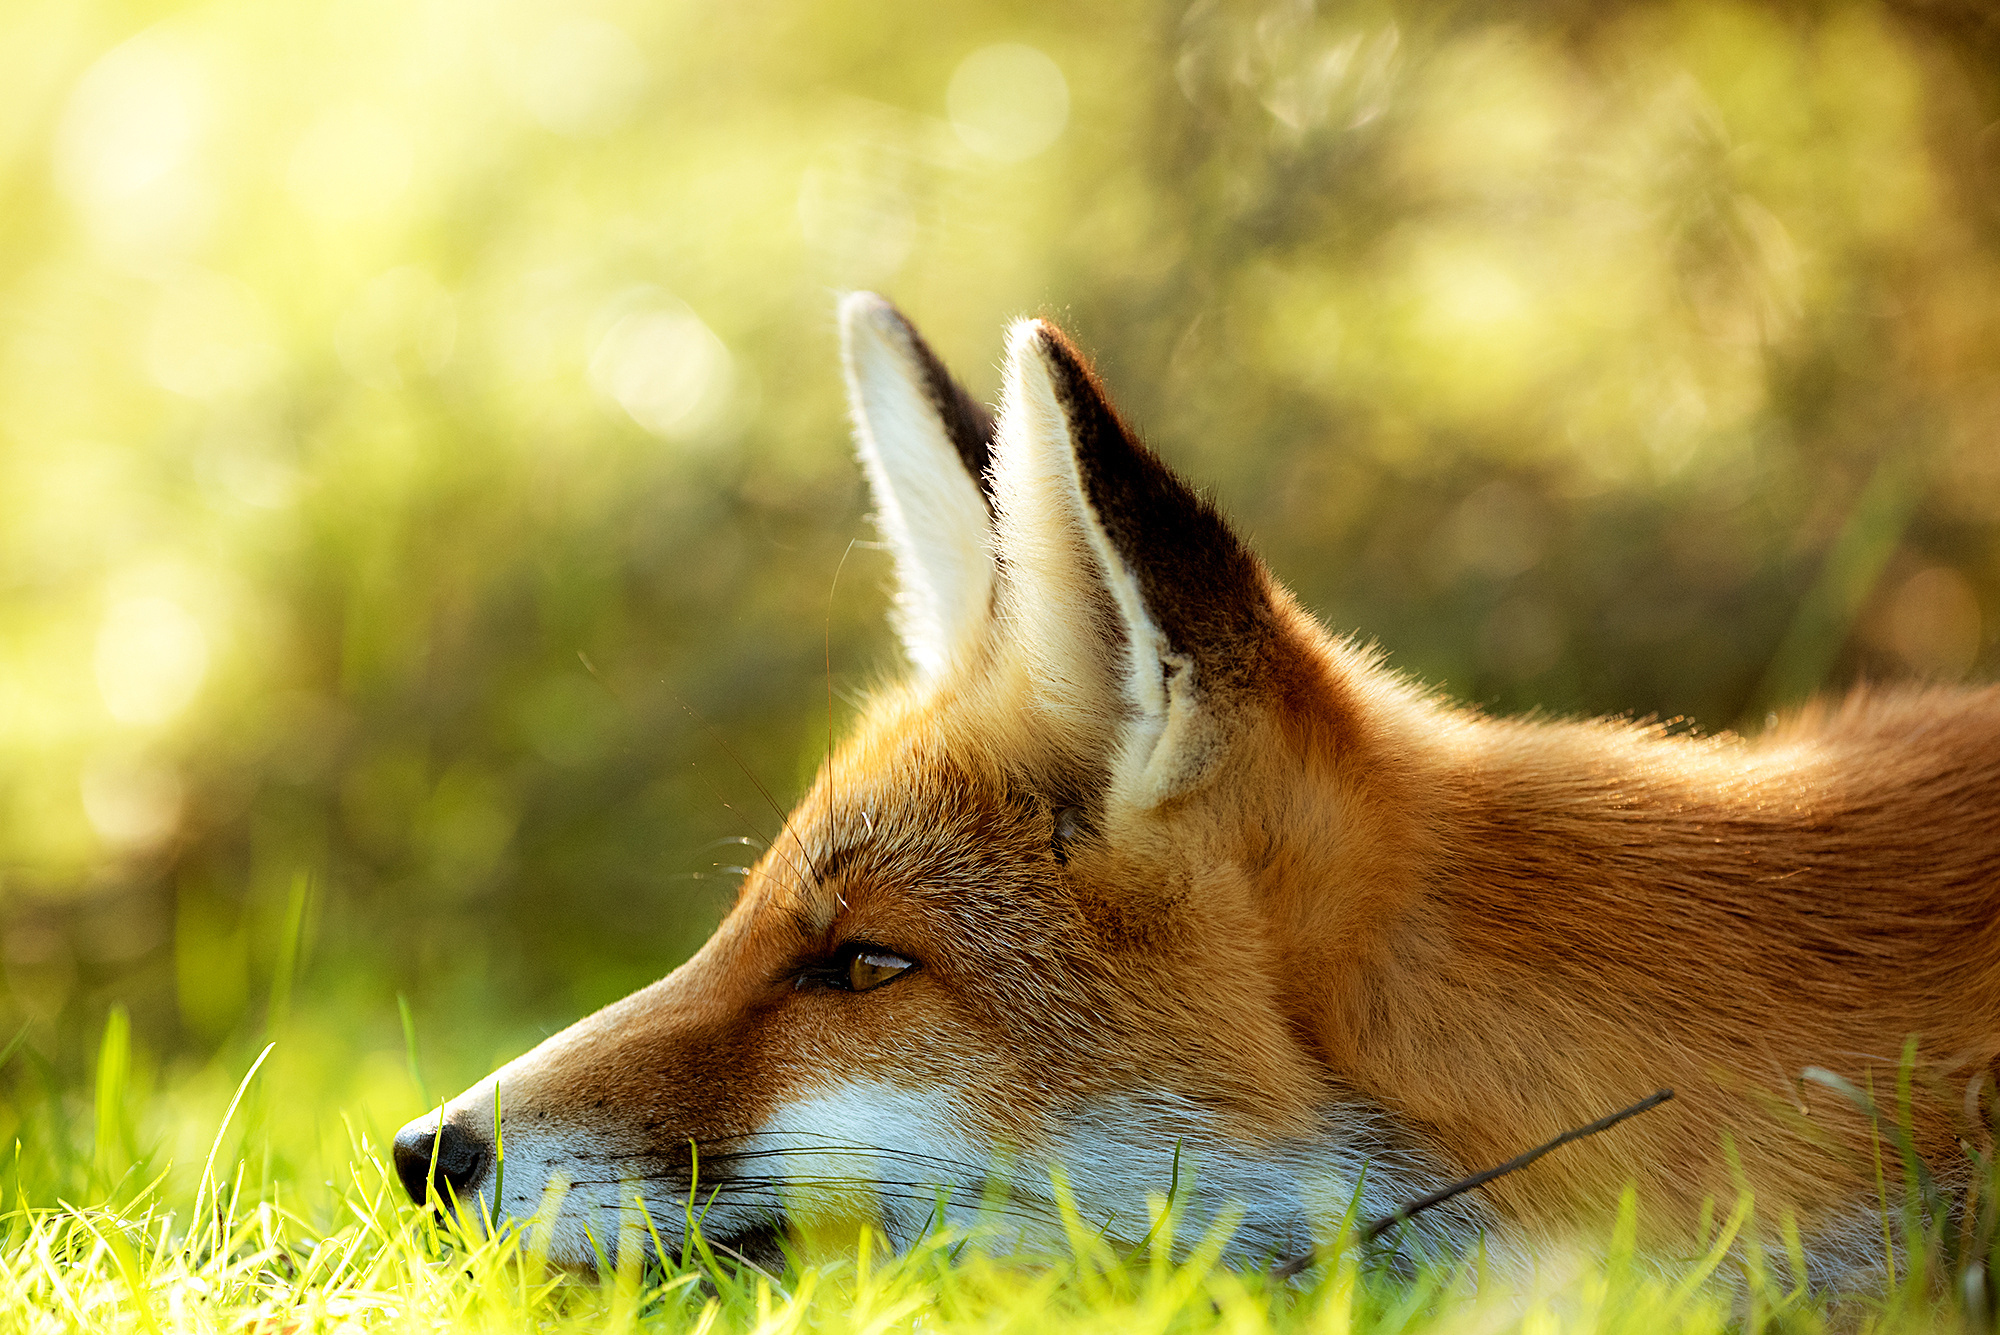 рыжая лиса листья бревно без смс